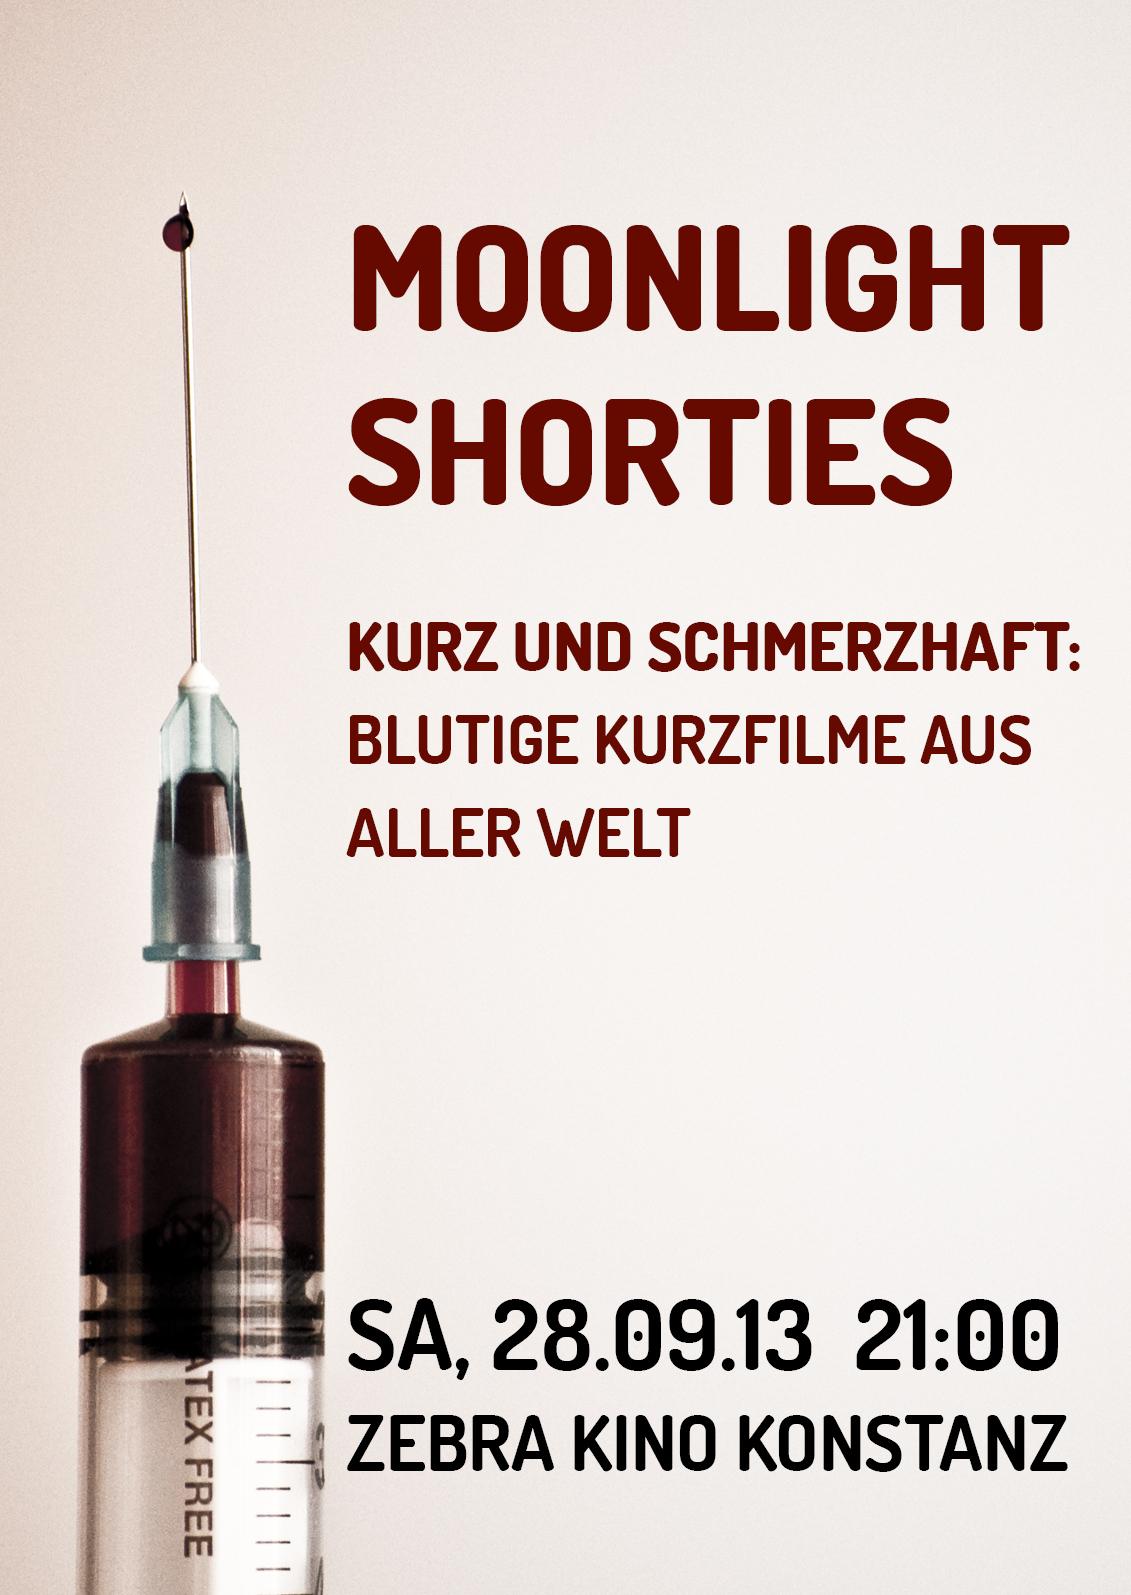 Moonlight Shorties